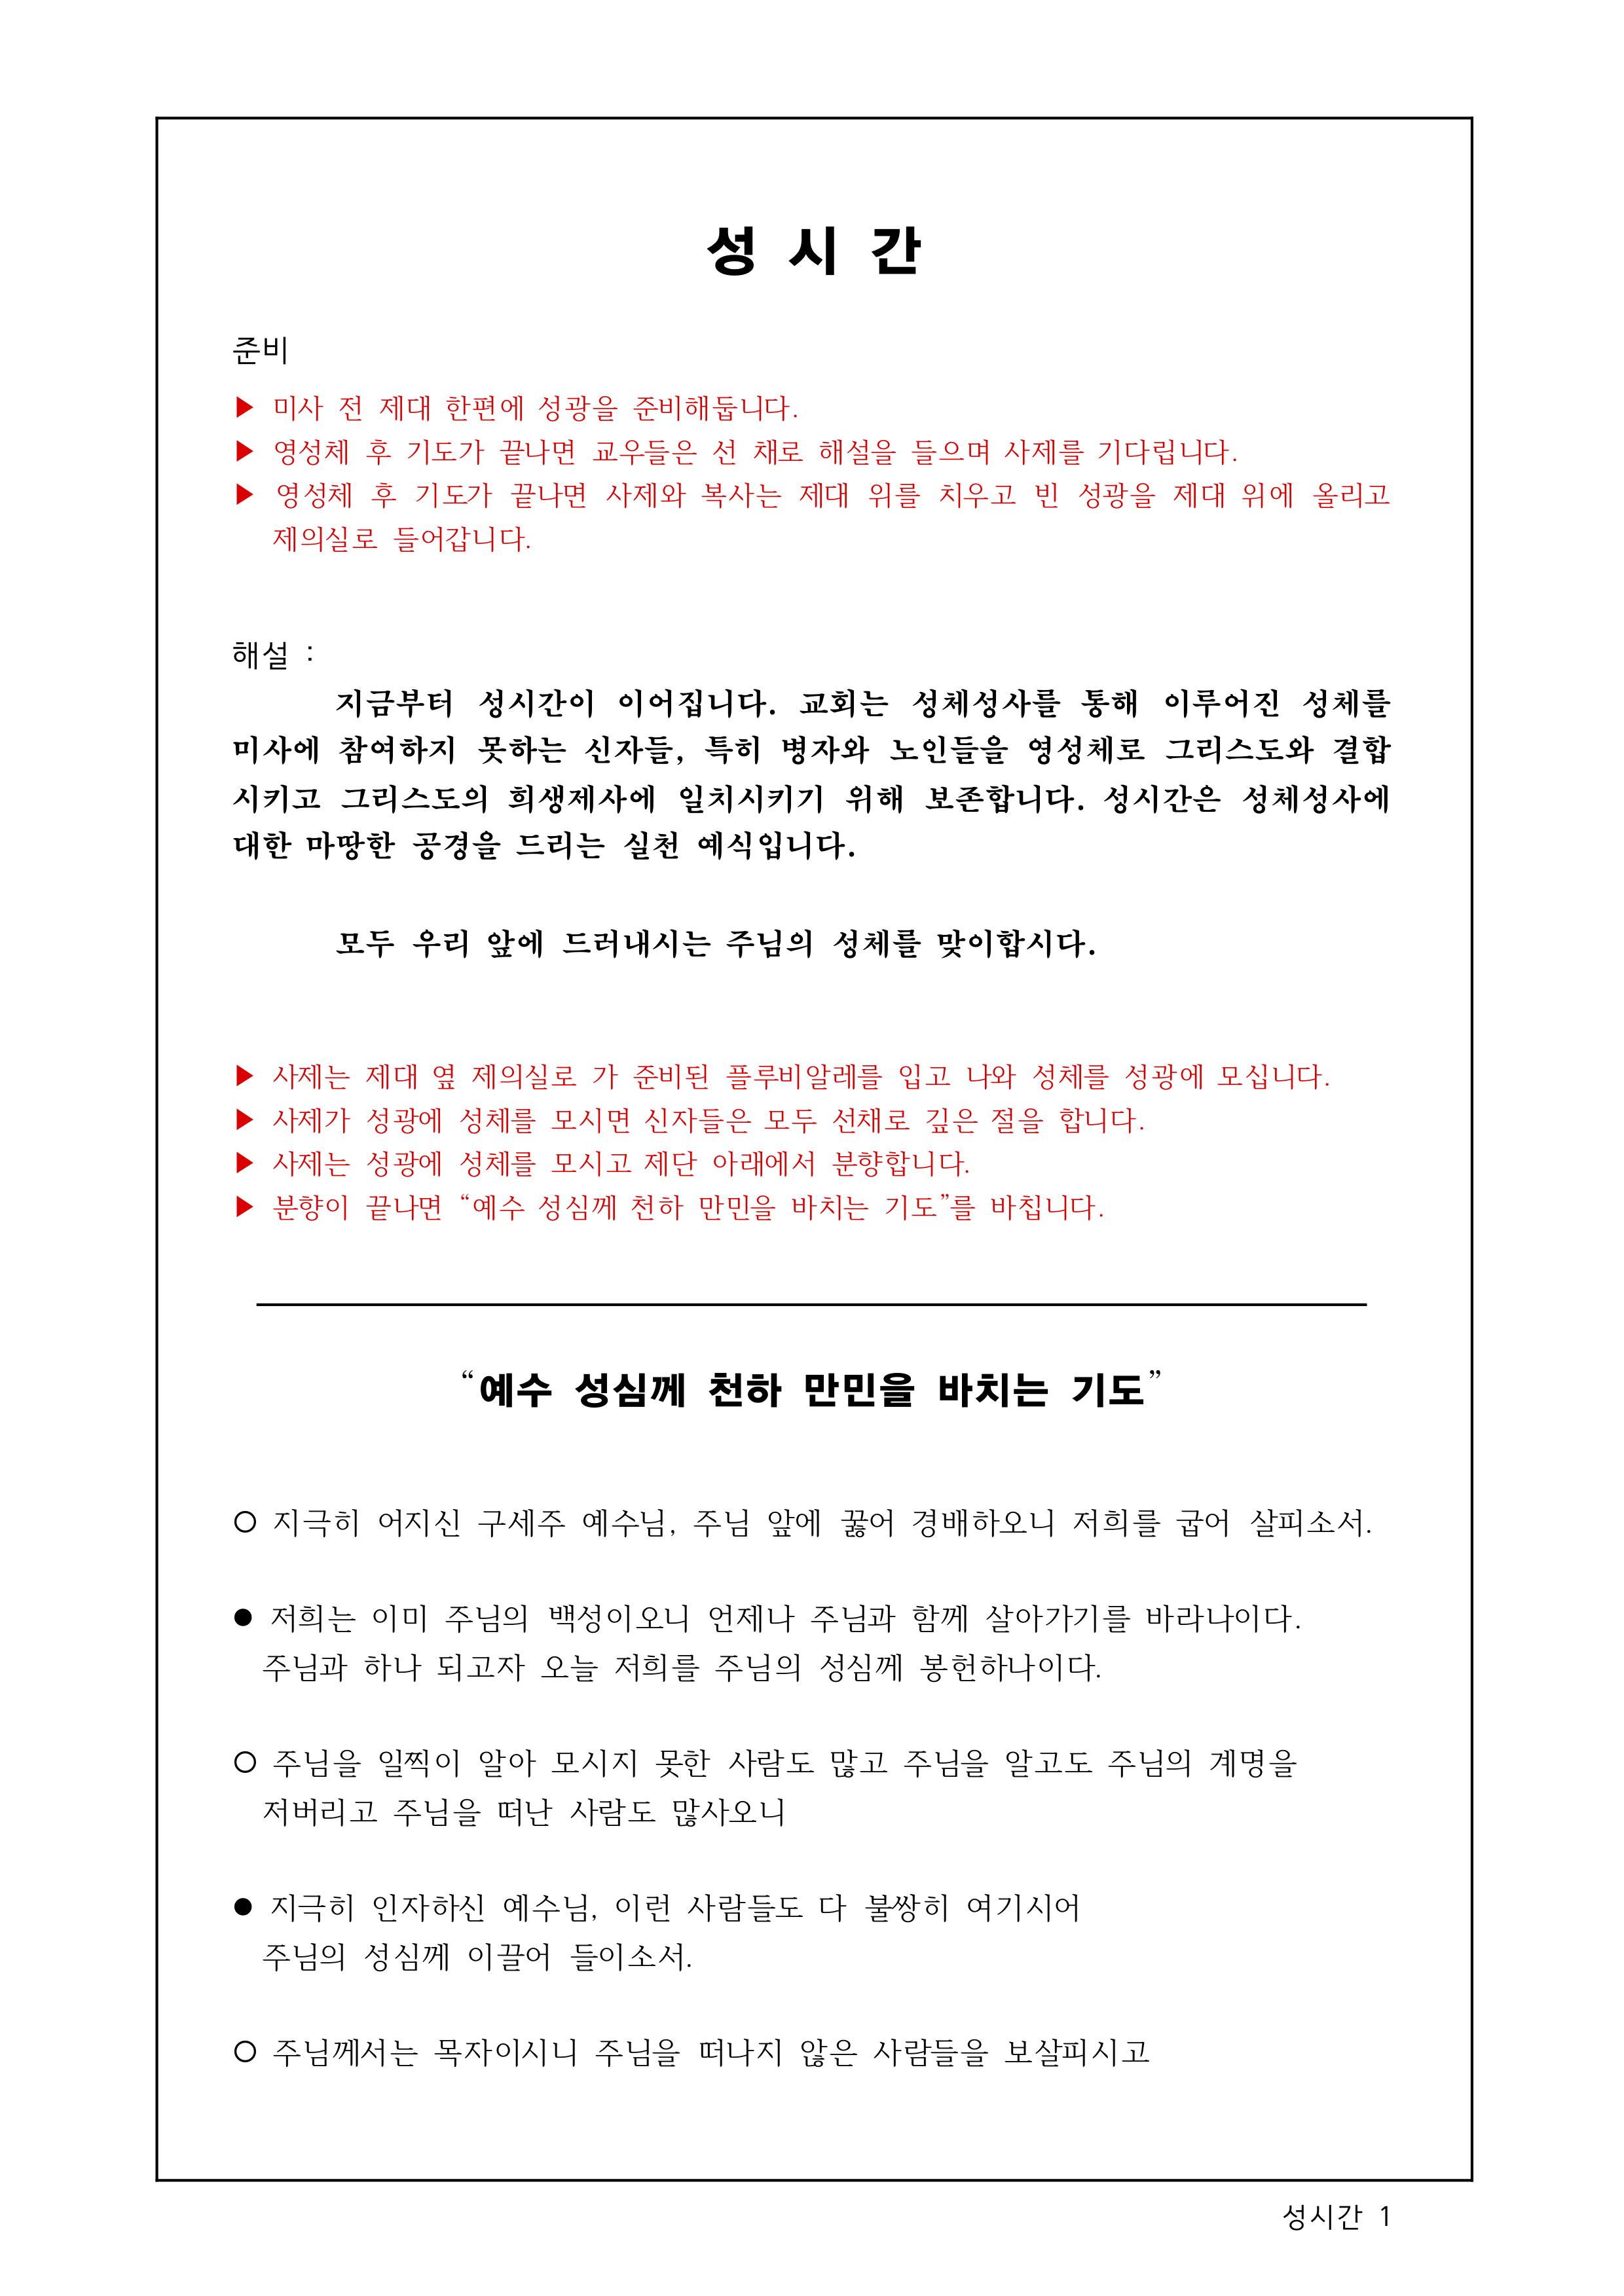 괴정성당 성시간(201909수정) 1.jpg